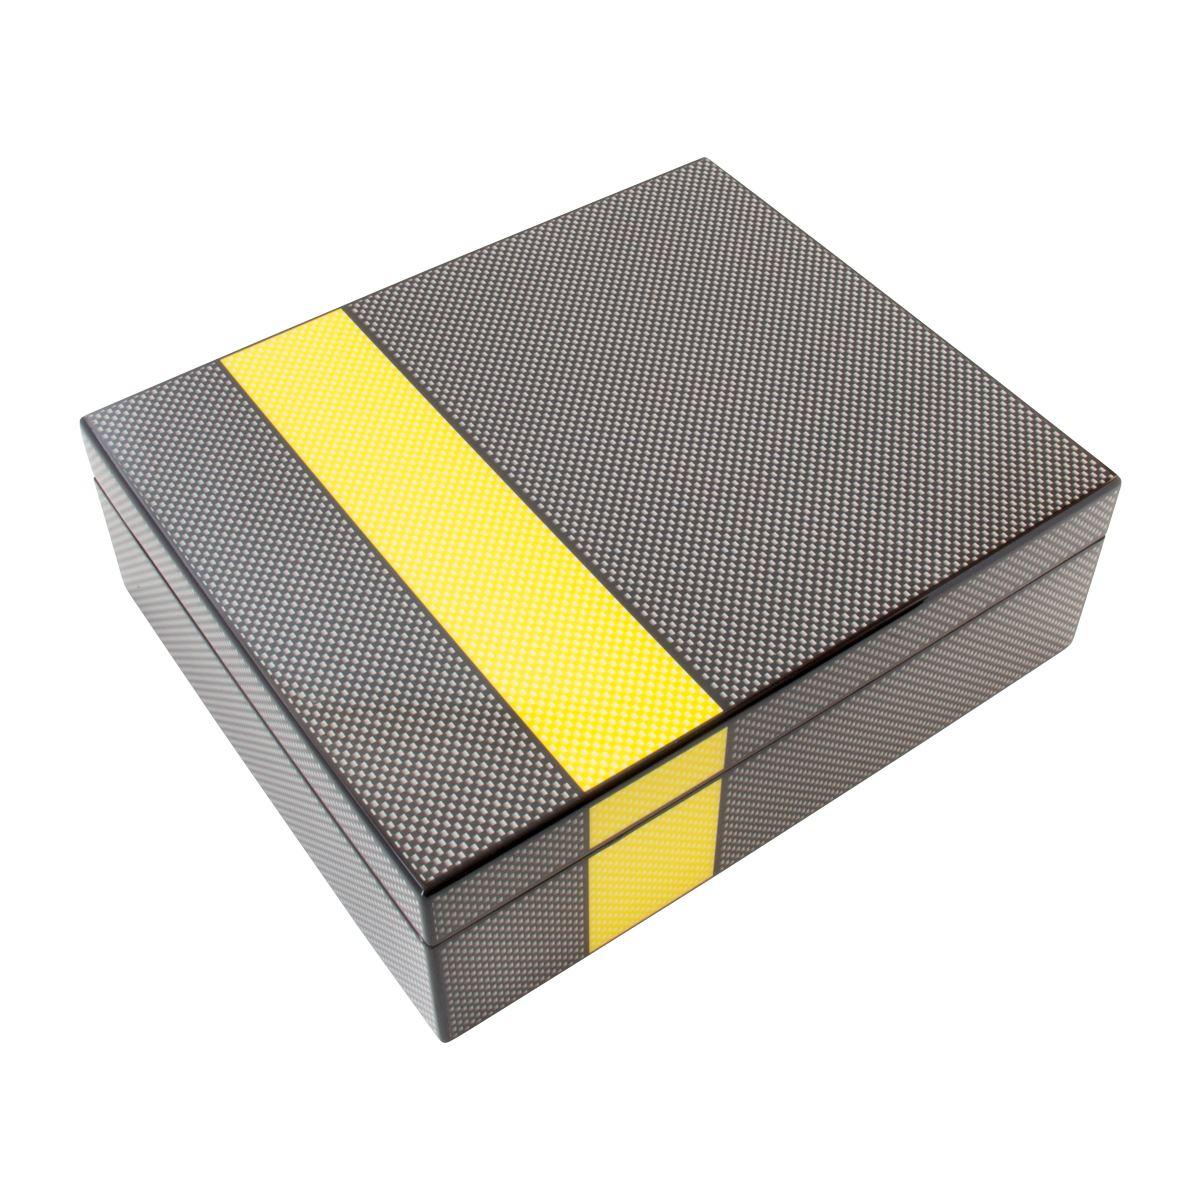 Humificador fibra de carbón 2 400-005  - Sanborns